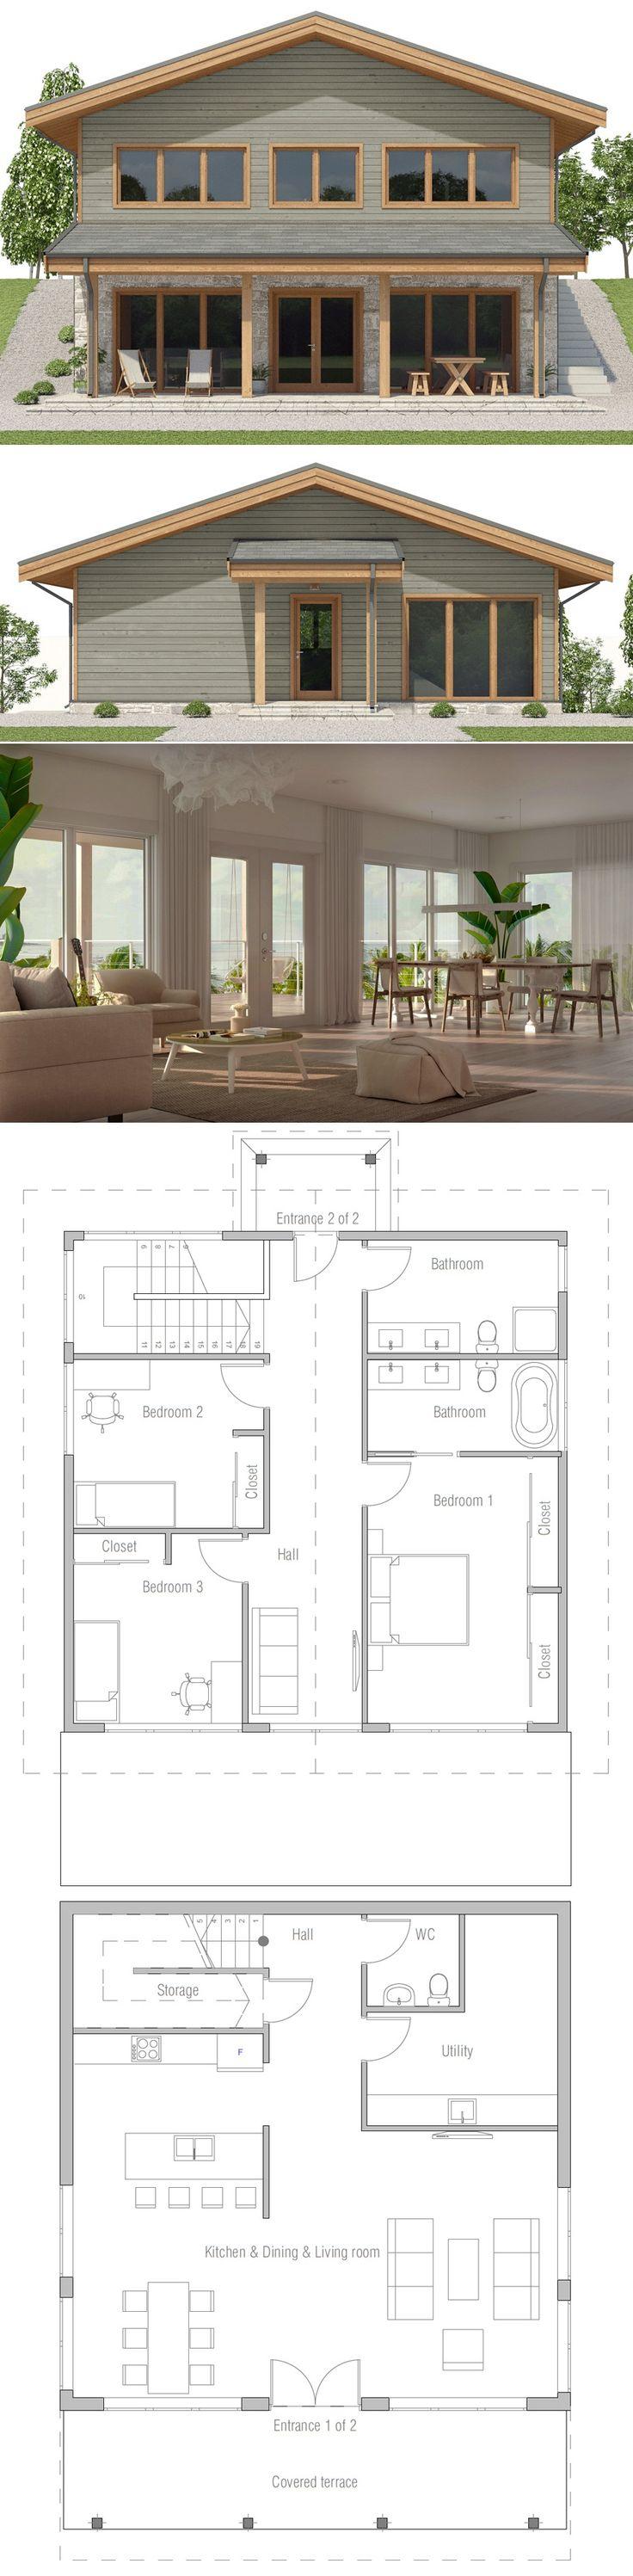 Sloping lot house plan